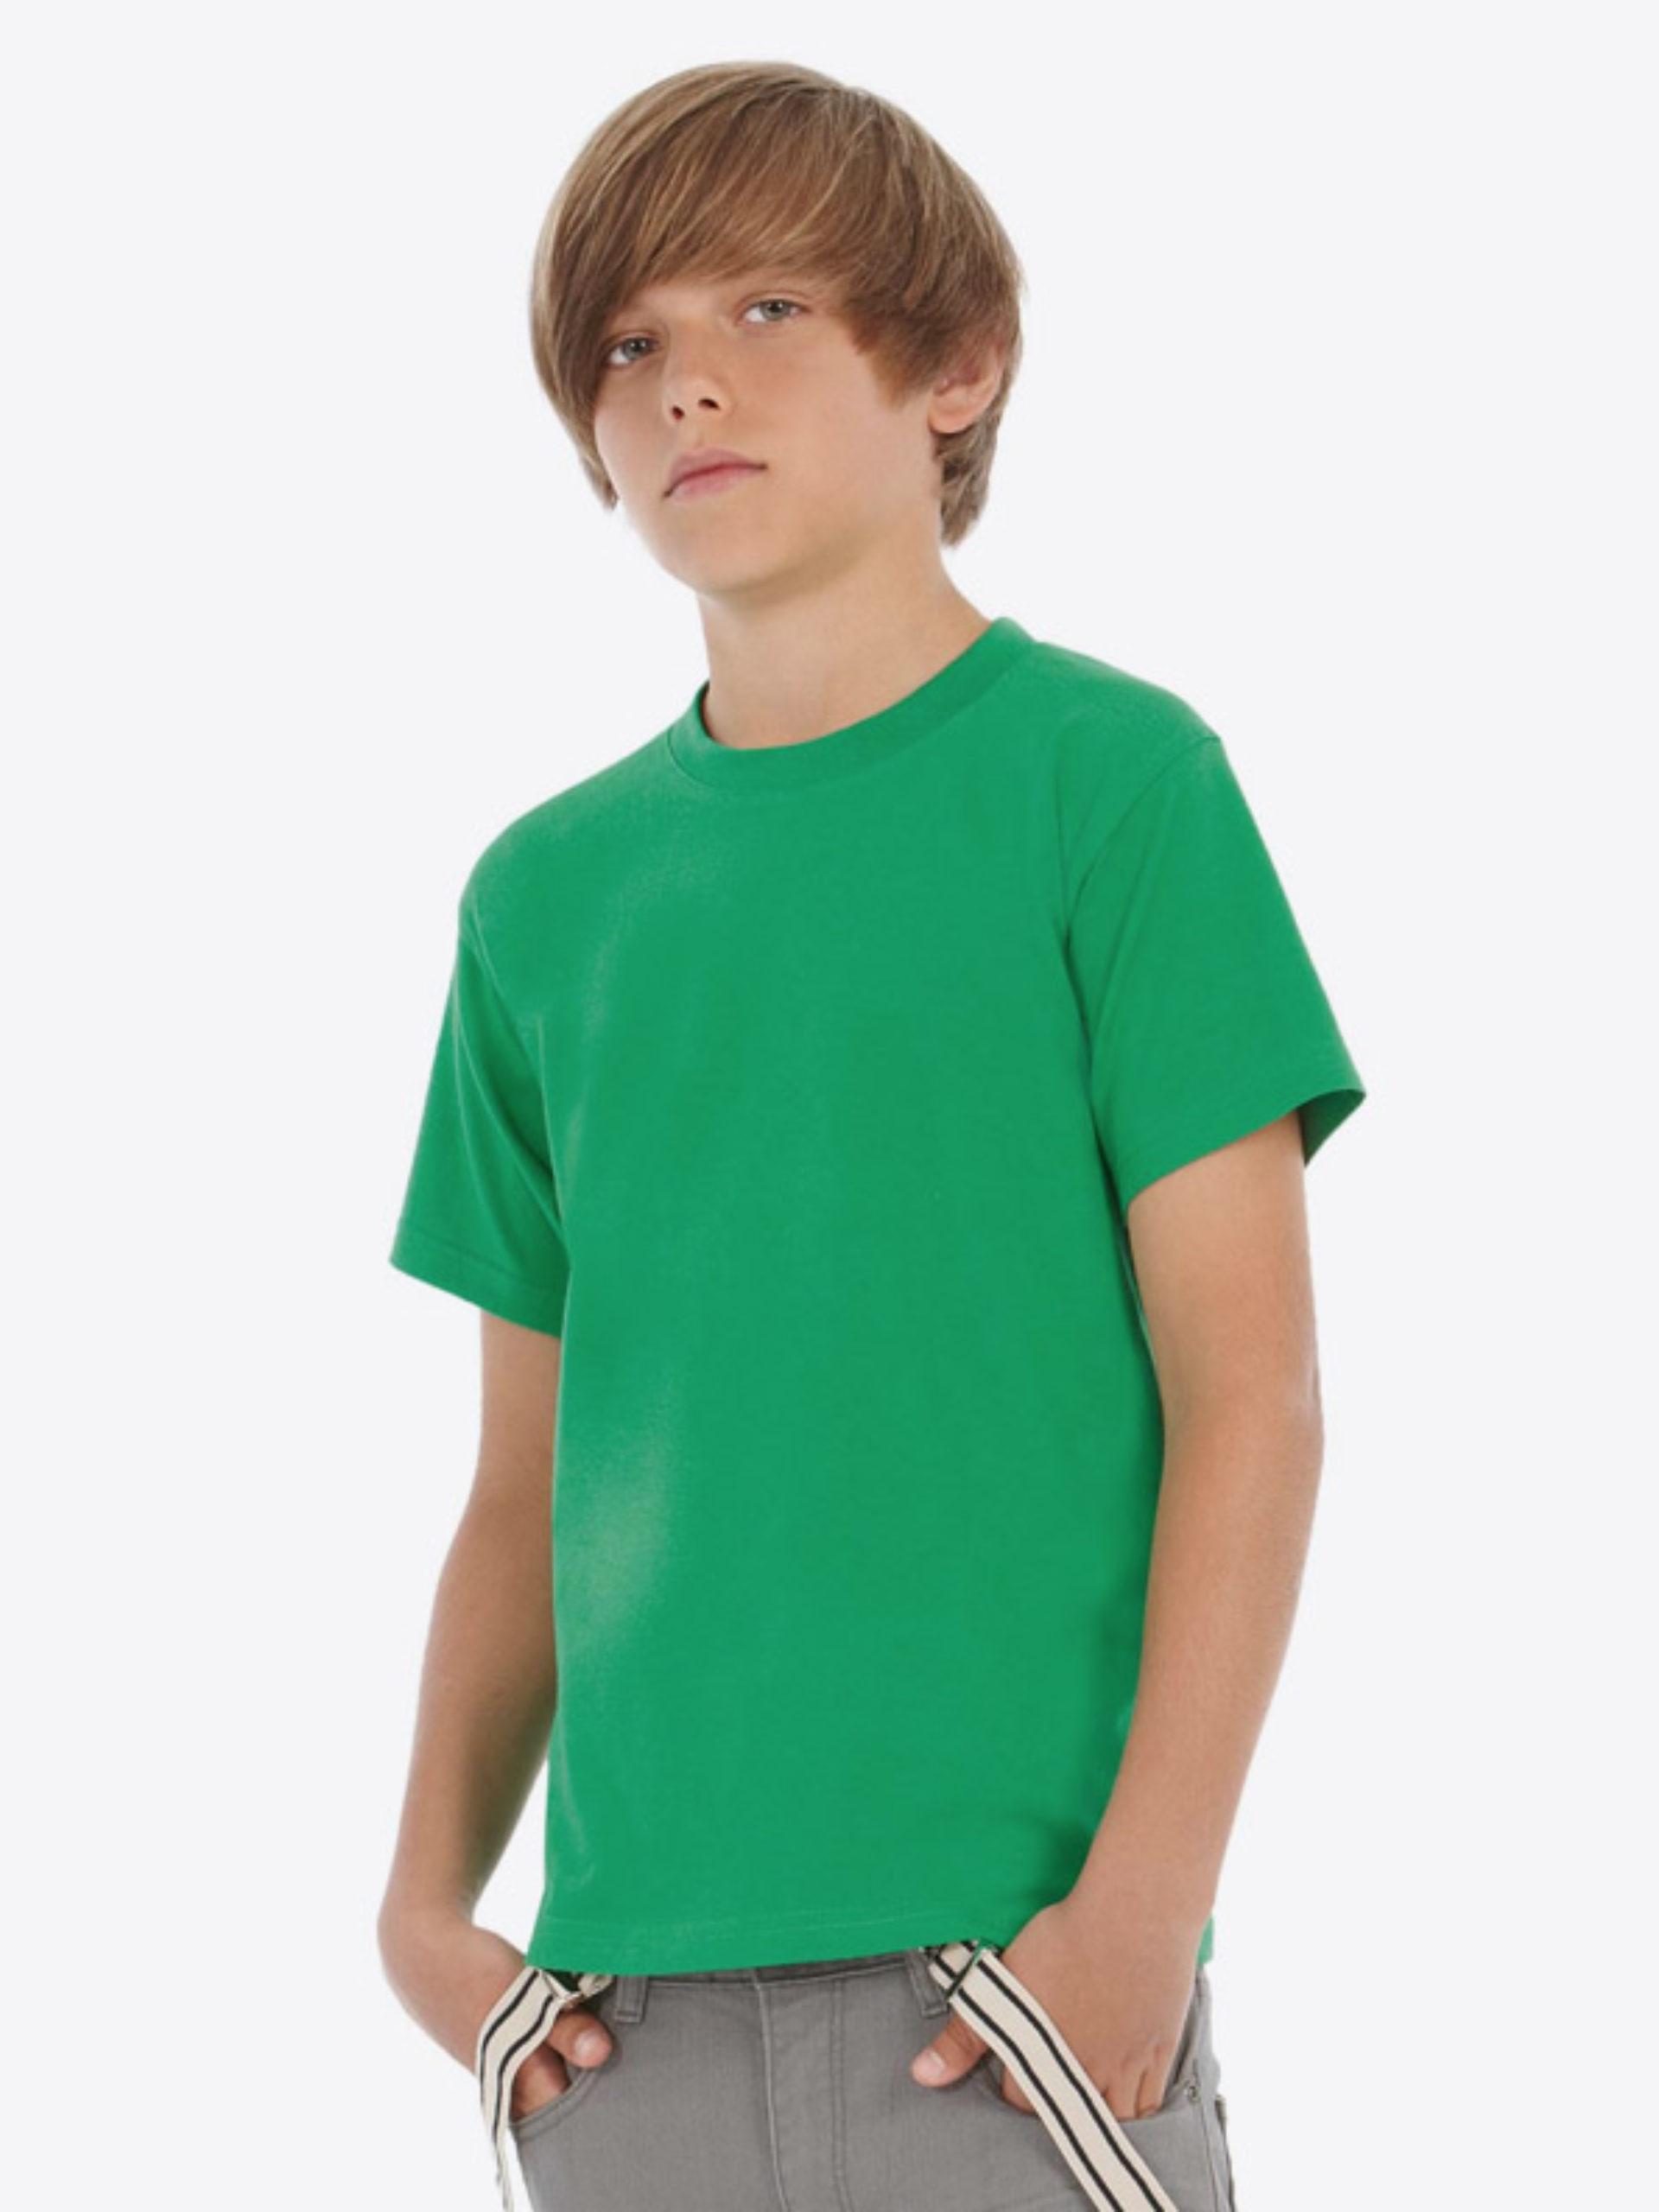 Kinder T Shirt Mit Logo Drucken